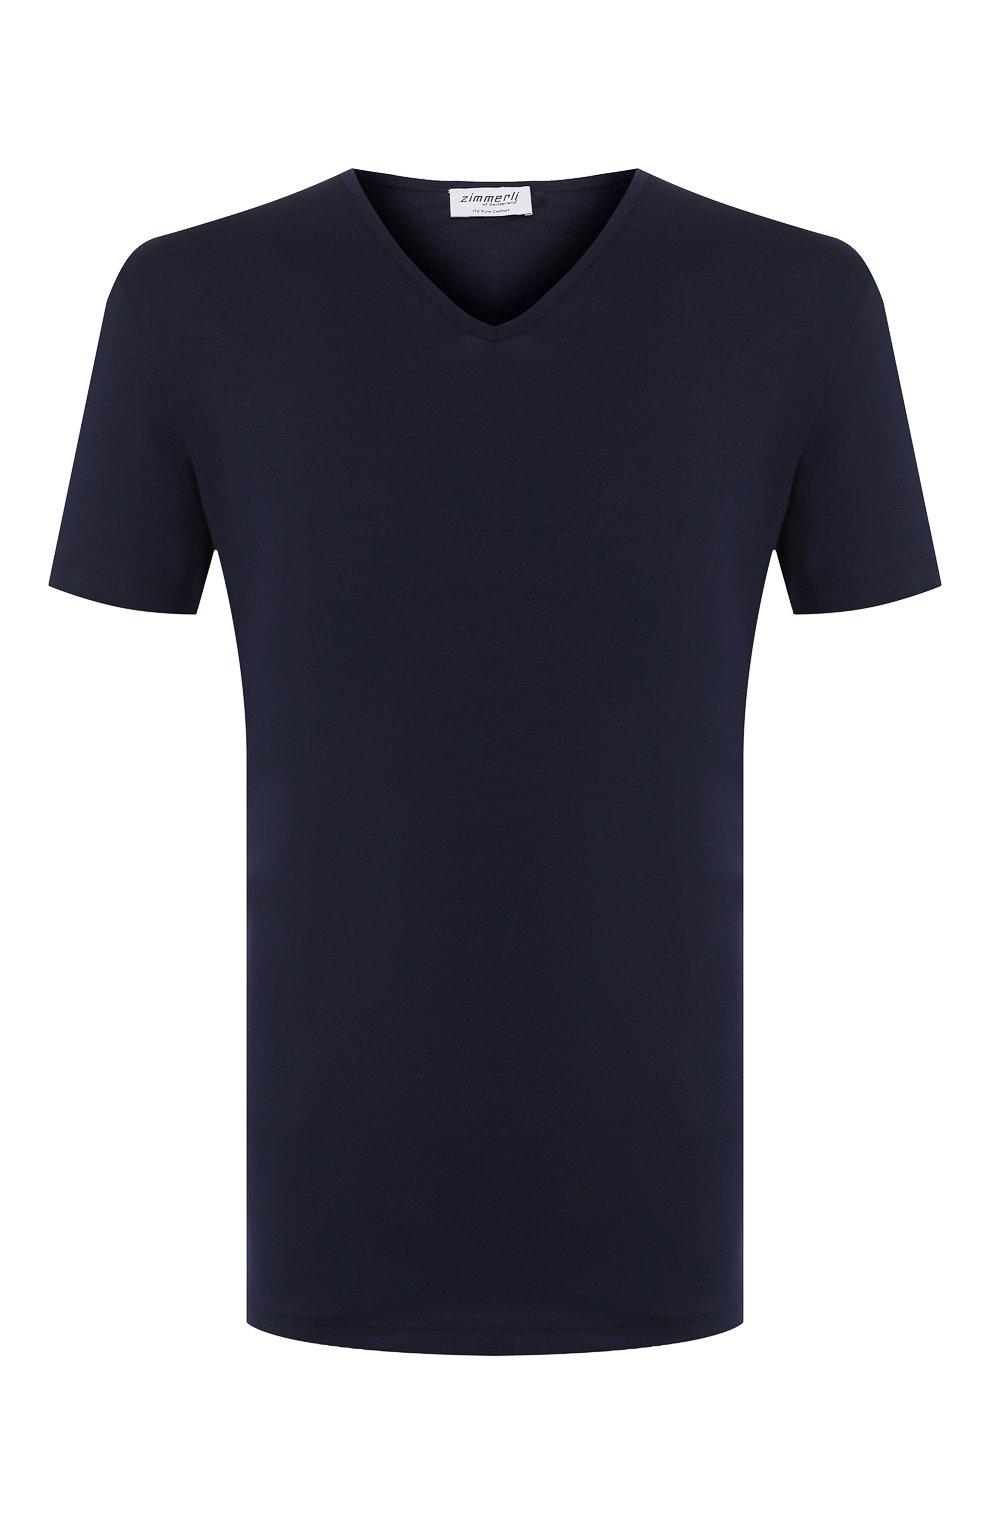 Мужская хлопковая футболка с v-образным вырезом ZIMMERLI темно-синего цвета, арт. 172-1462 | Фото 1 (Кросс-КТ: домашняя одежда; Рукава: Короткие; Длина (для топов): Стандартные; Материал внешний: Хлопок; Мужское Кросс-КТ: Футболка-белье; Статус проверки: Проверена категория)